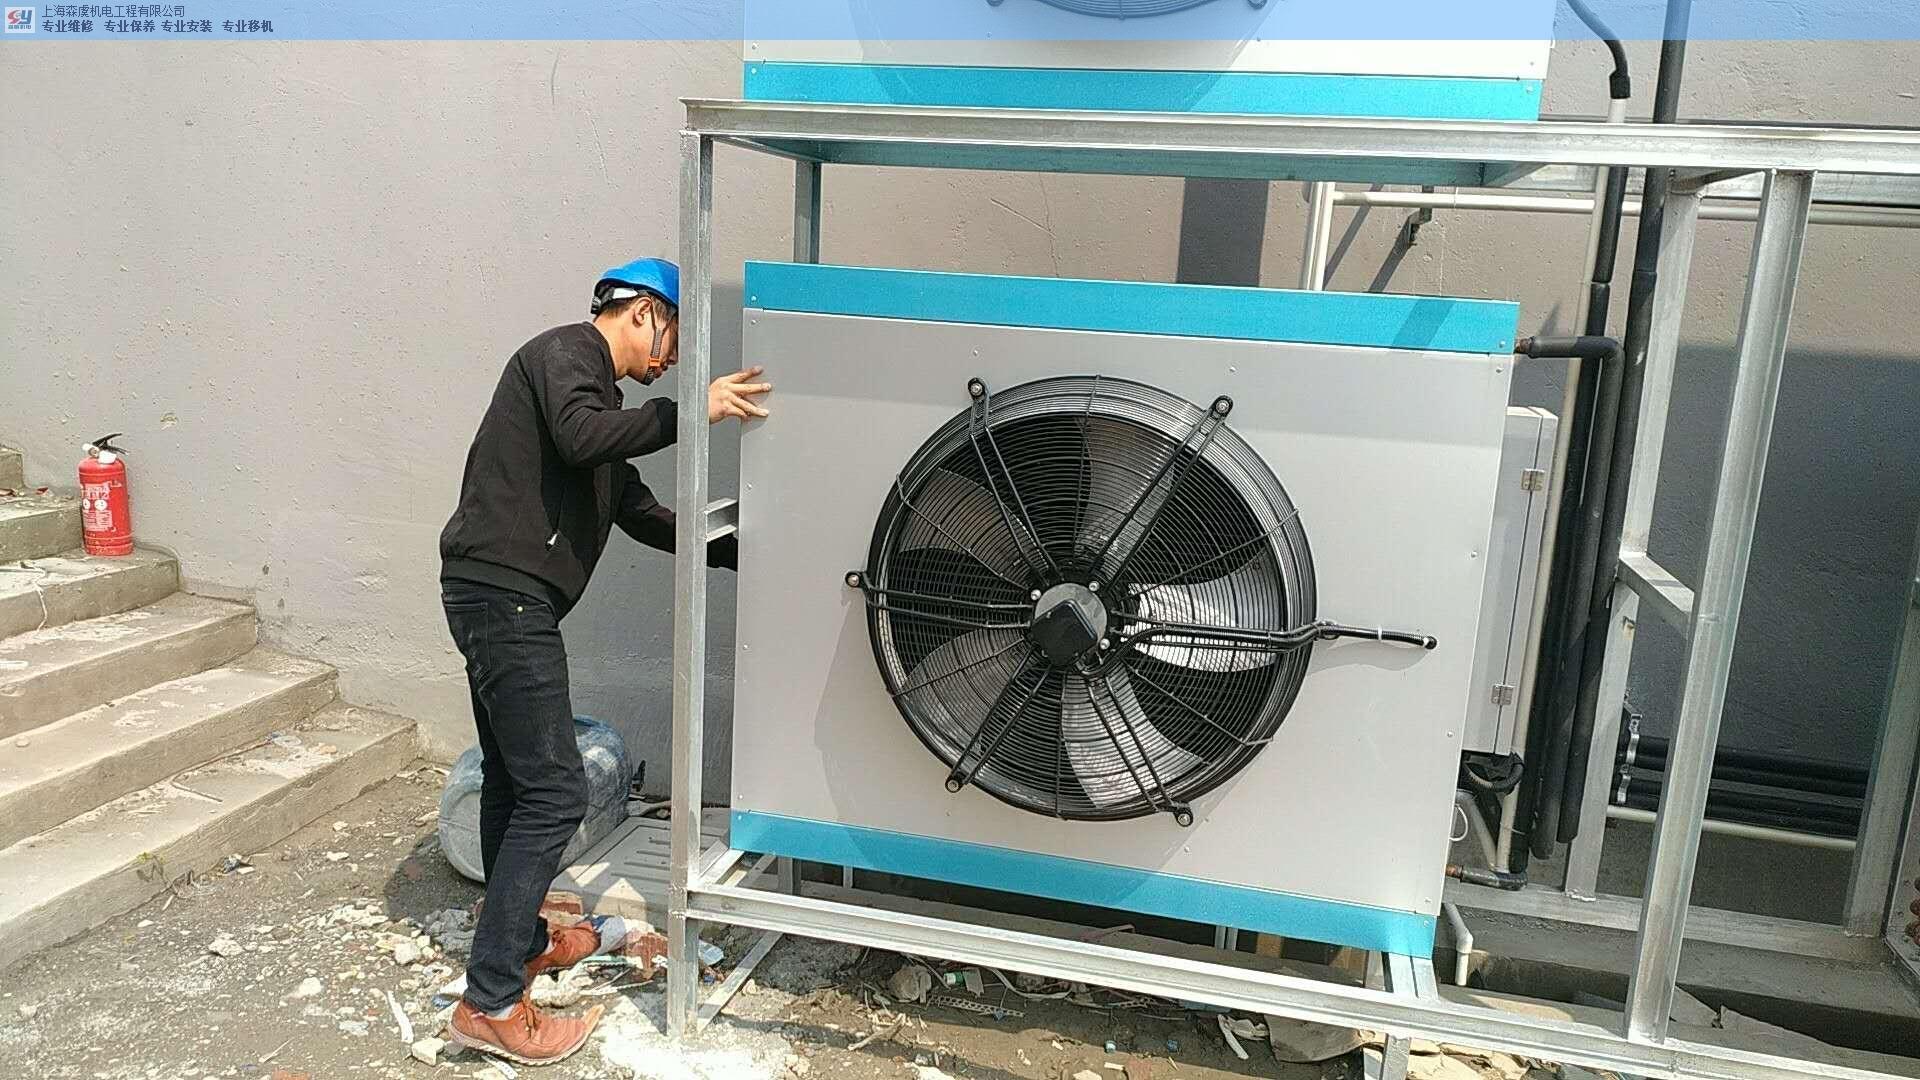 杭州艾默生酒窖專用空調維修電話 服務為先 上海森虞機電工程供應